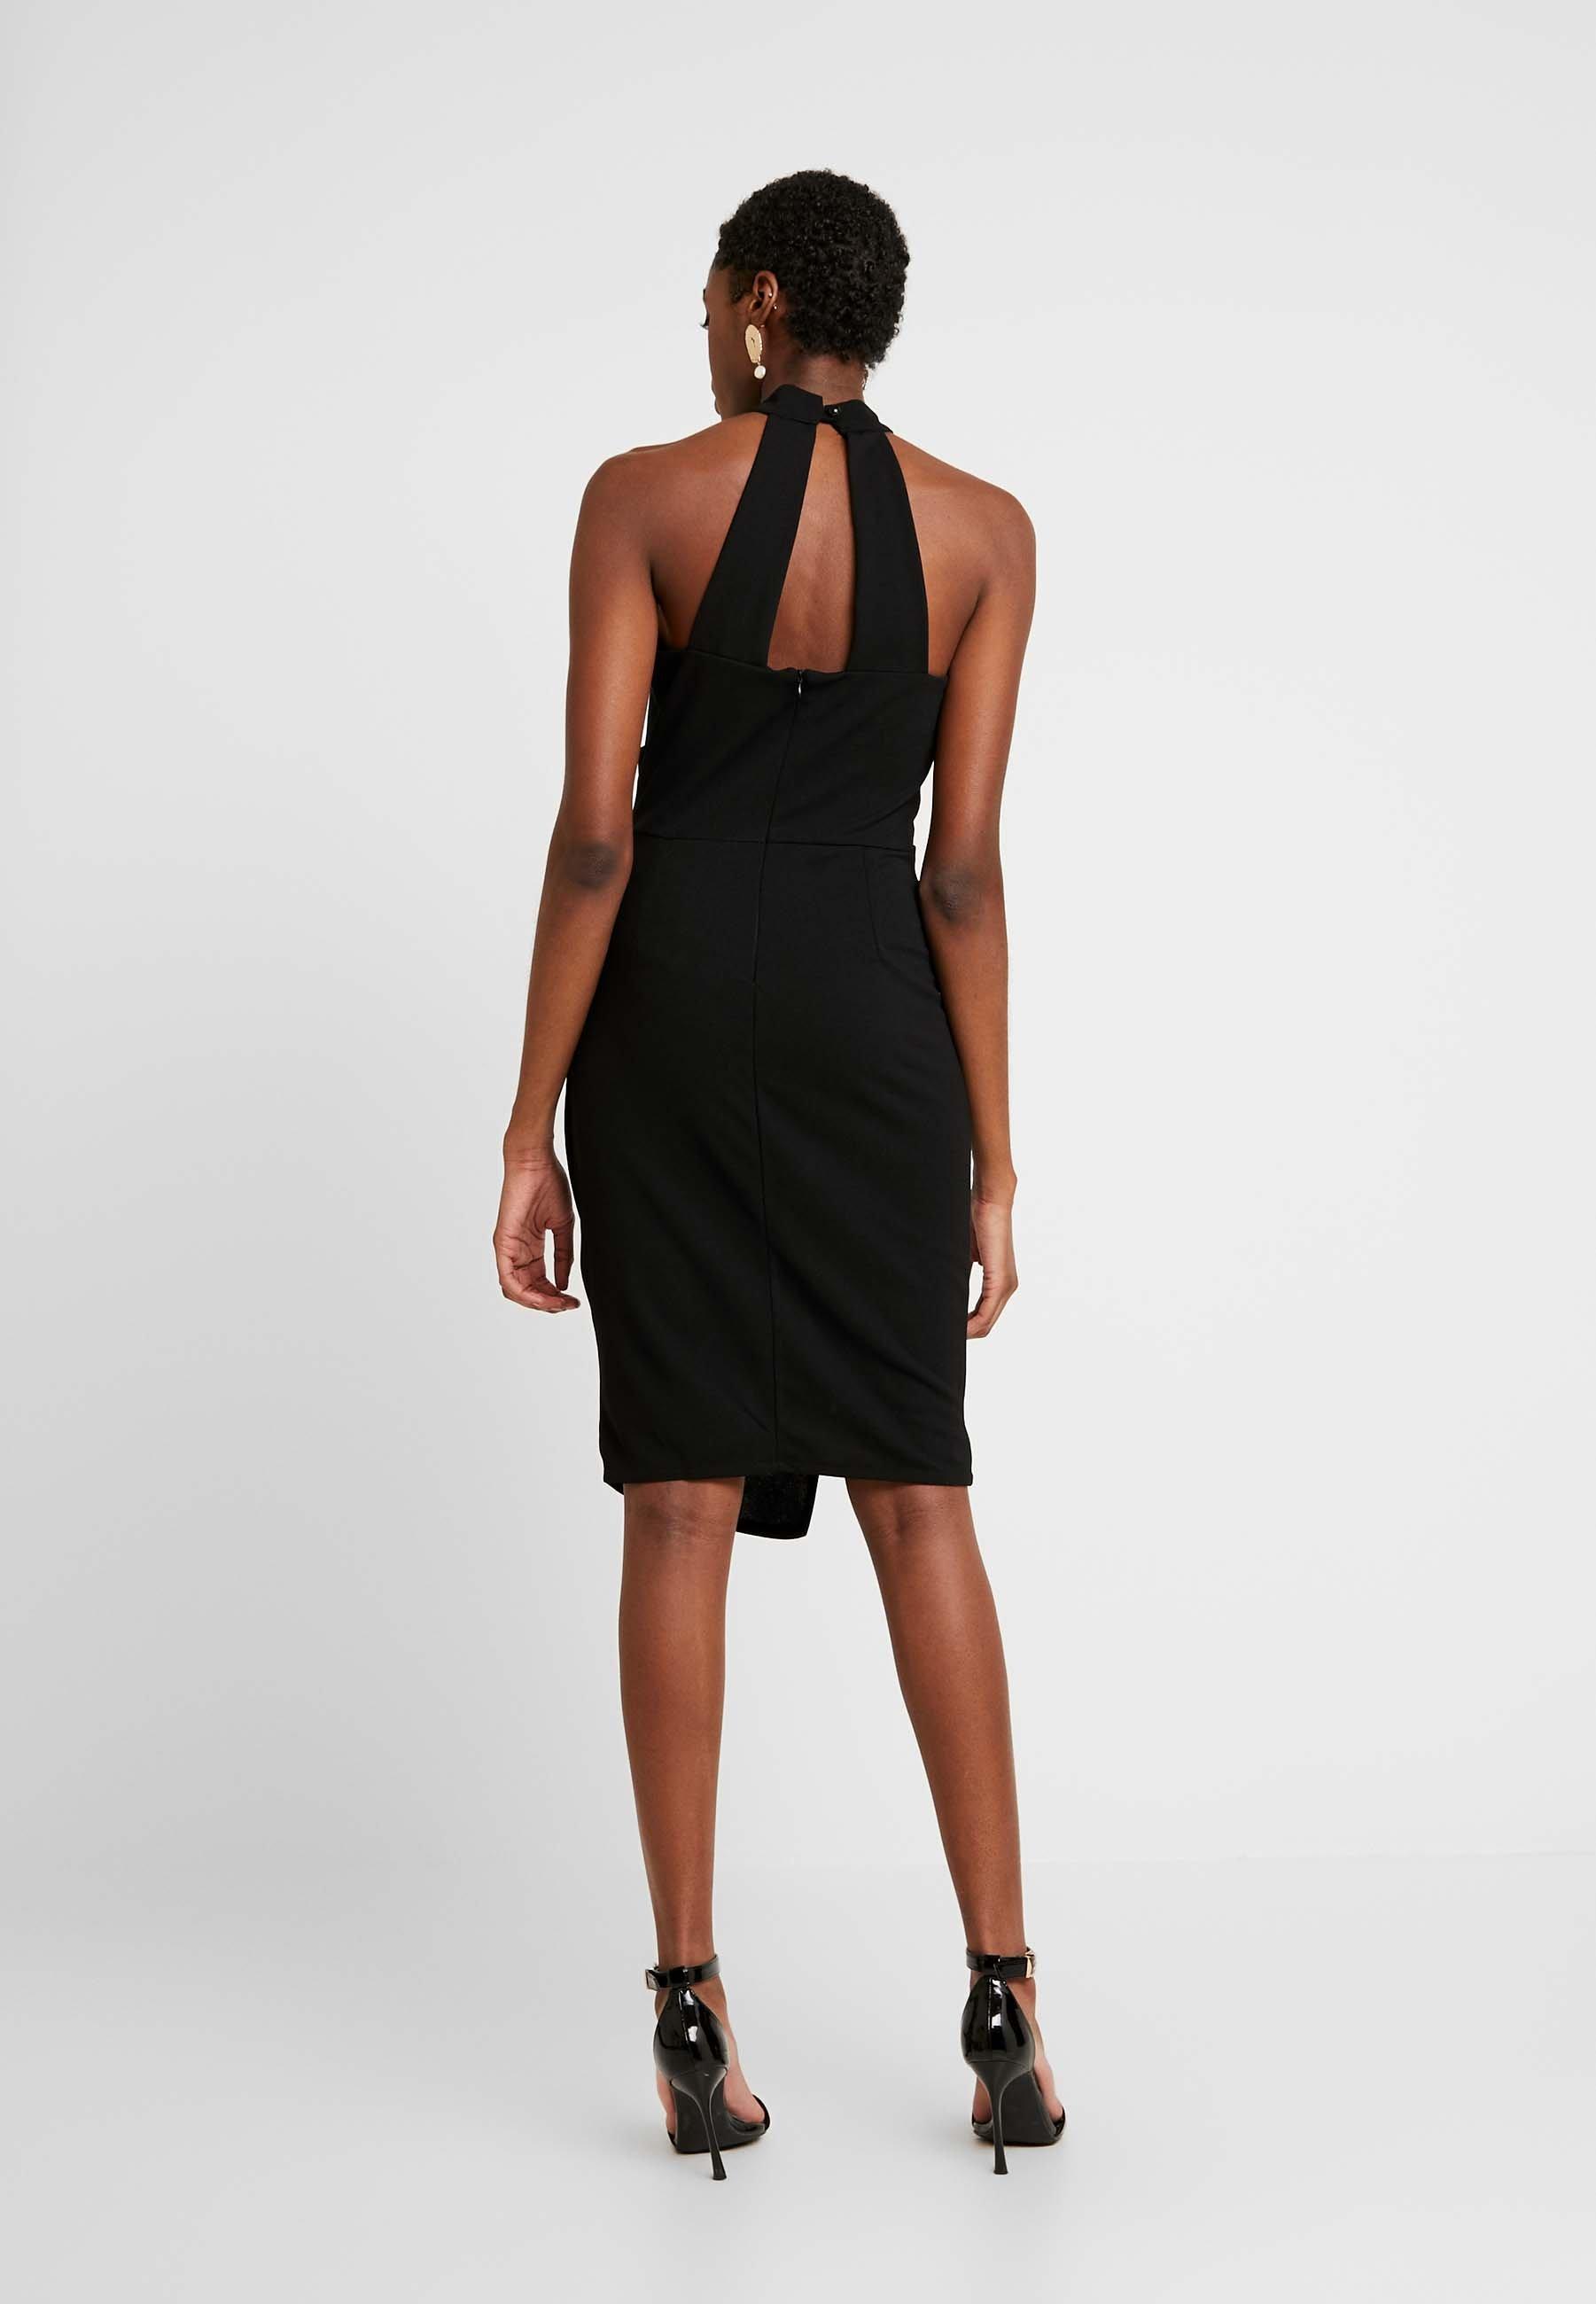 Wal G. Layered Halter Kneck Dress - Vardagsklänning Black